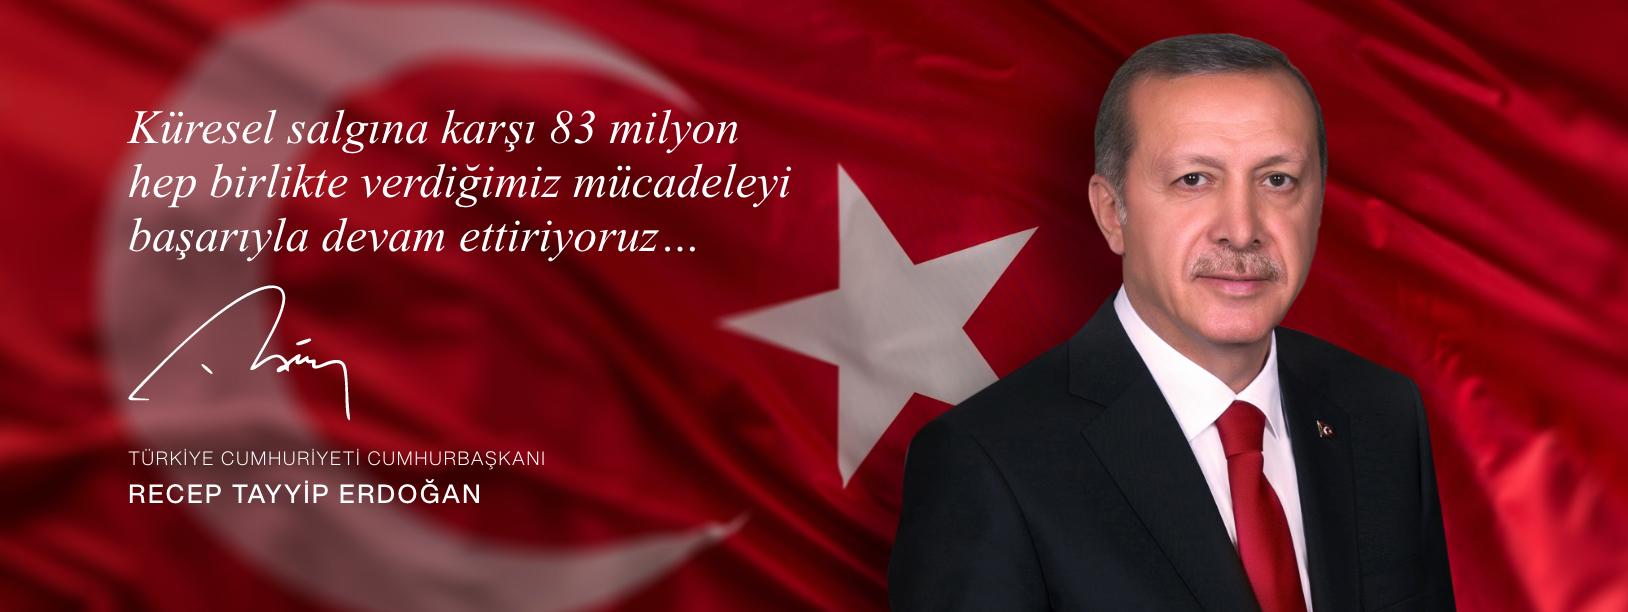 Türkiye'nin Bakış Açısı